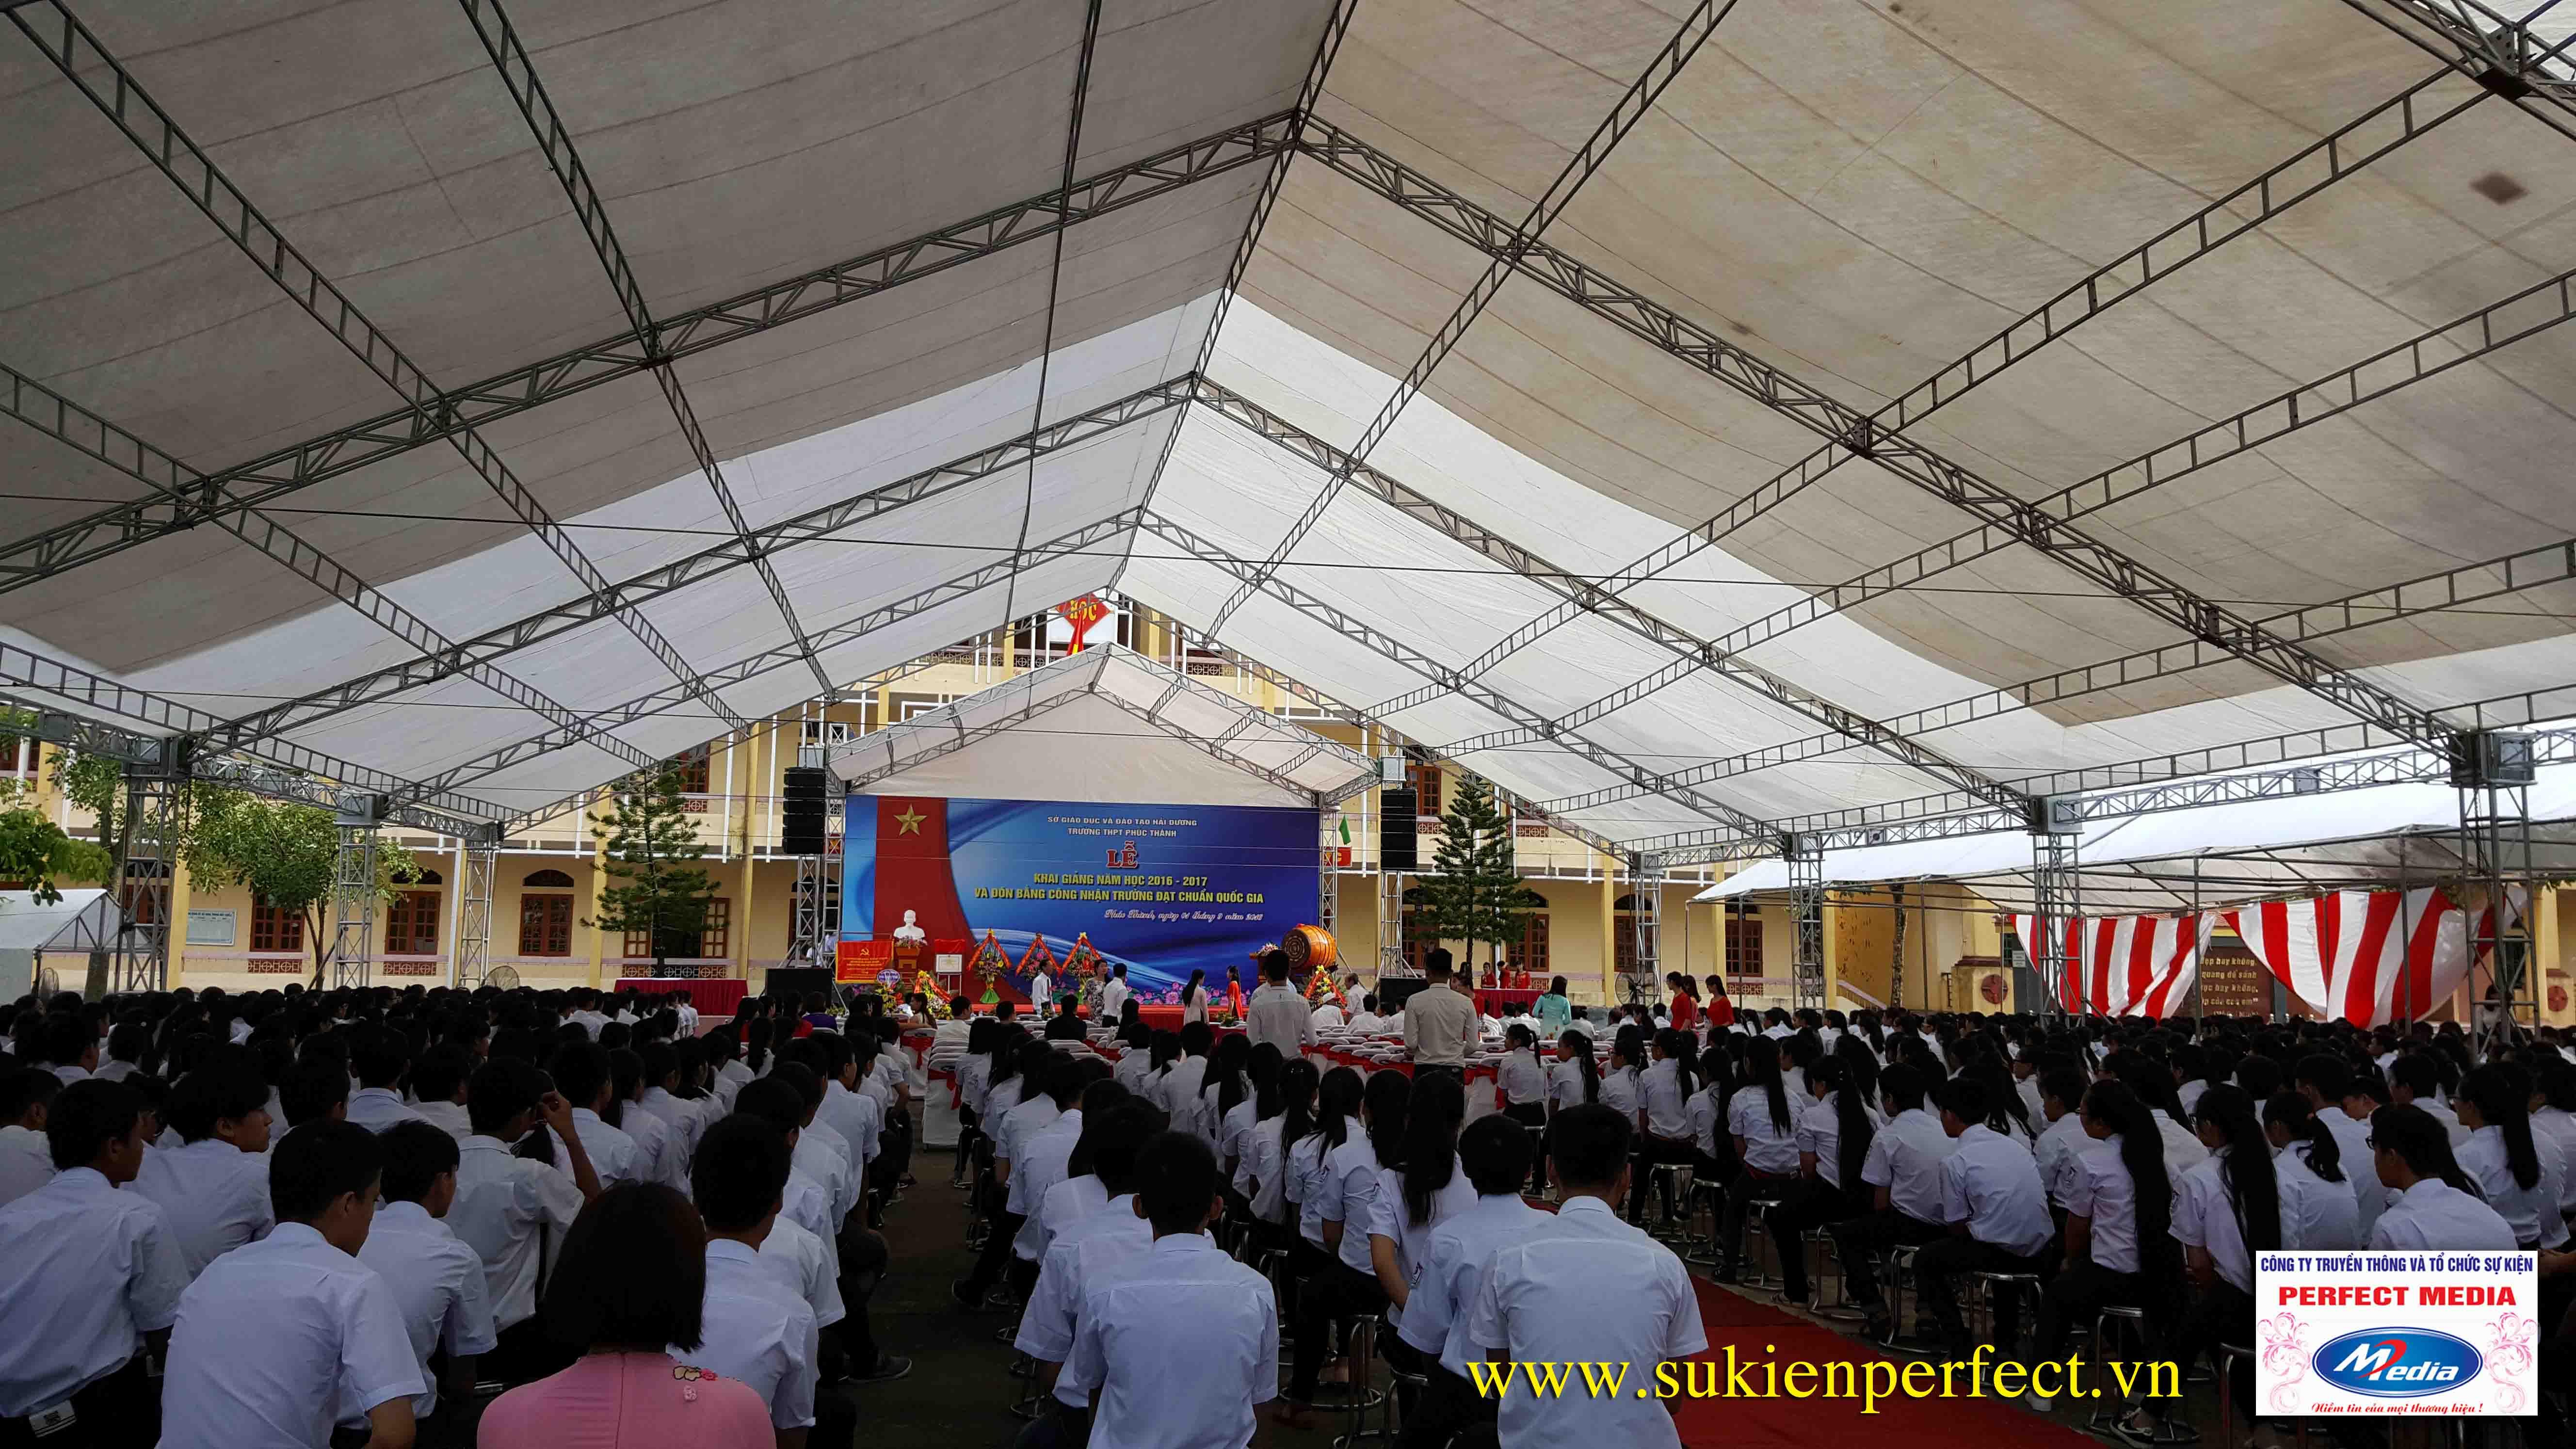 Hình ảnh trong buổi lễ THPT Phúc Thành đón chuẩn Quốc gia 02